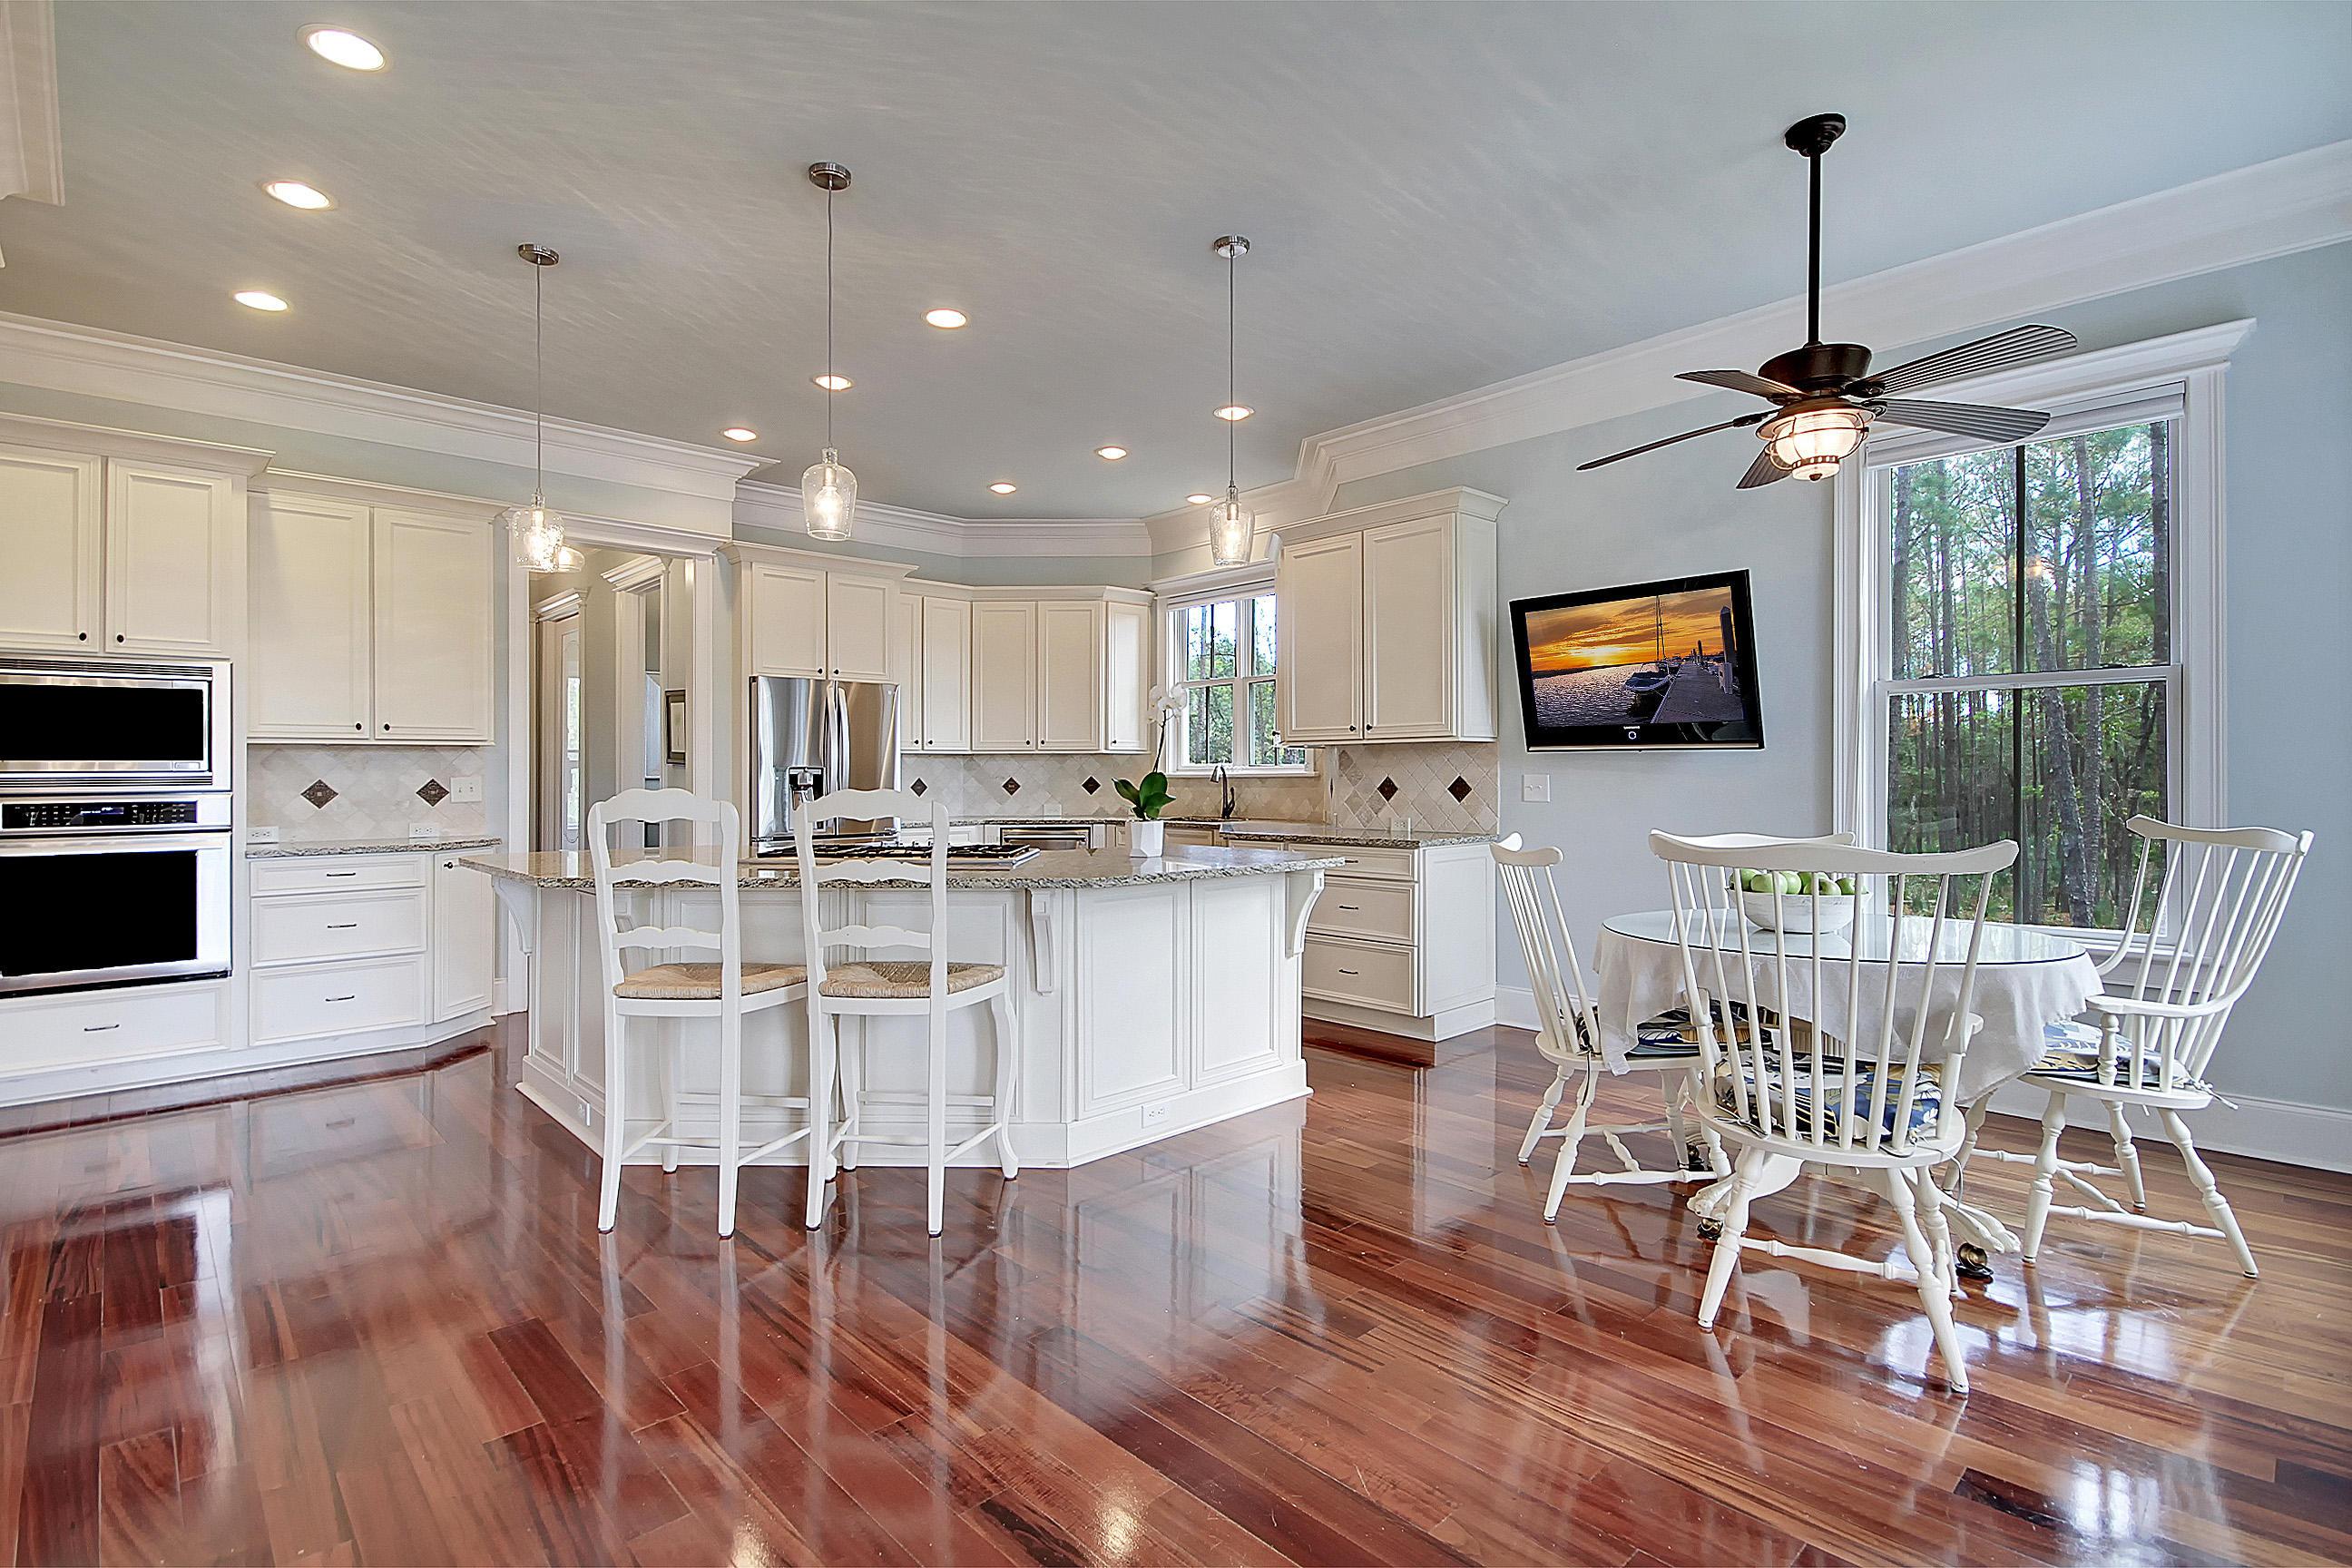 Park West Homes For Sale - 3940 Ashton Shore, Mount Pleasant, SC - 58